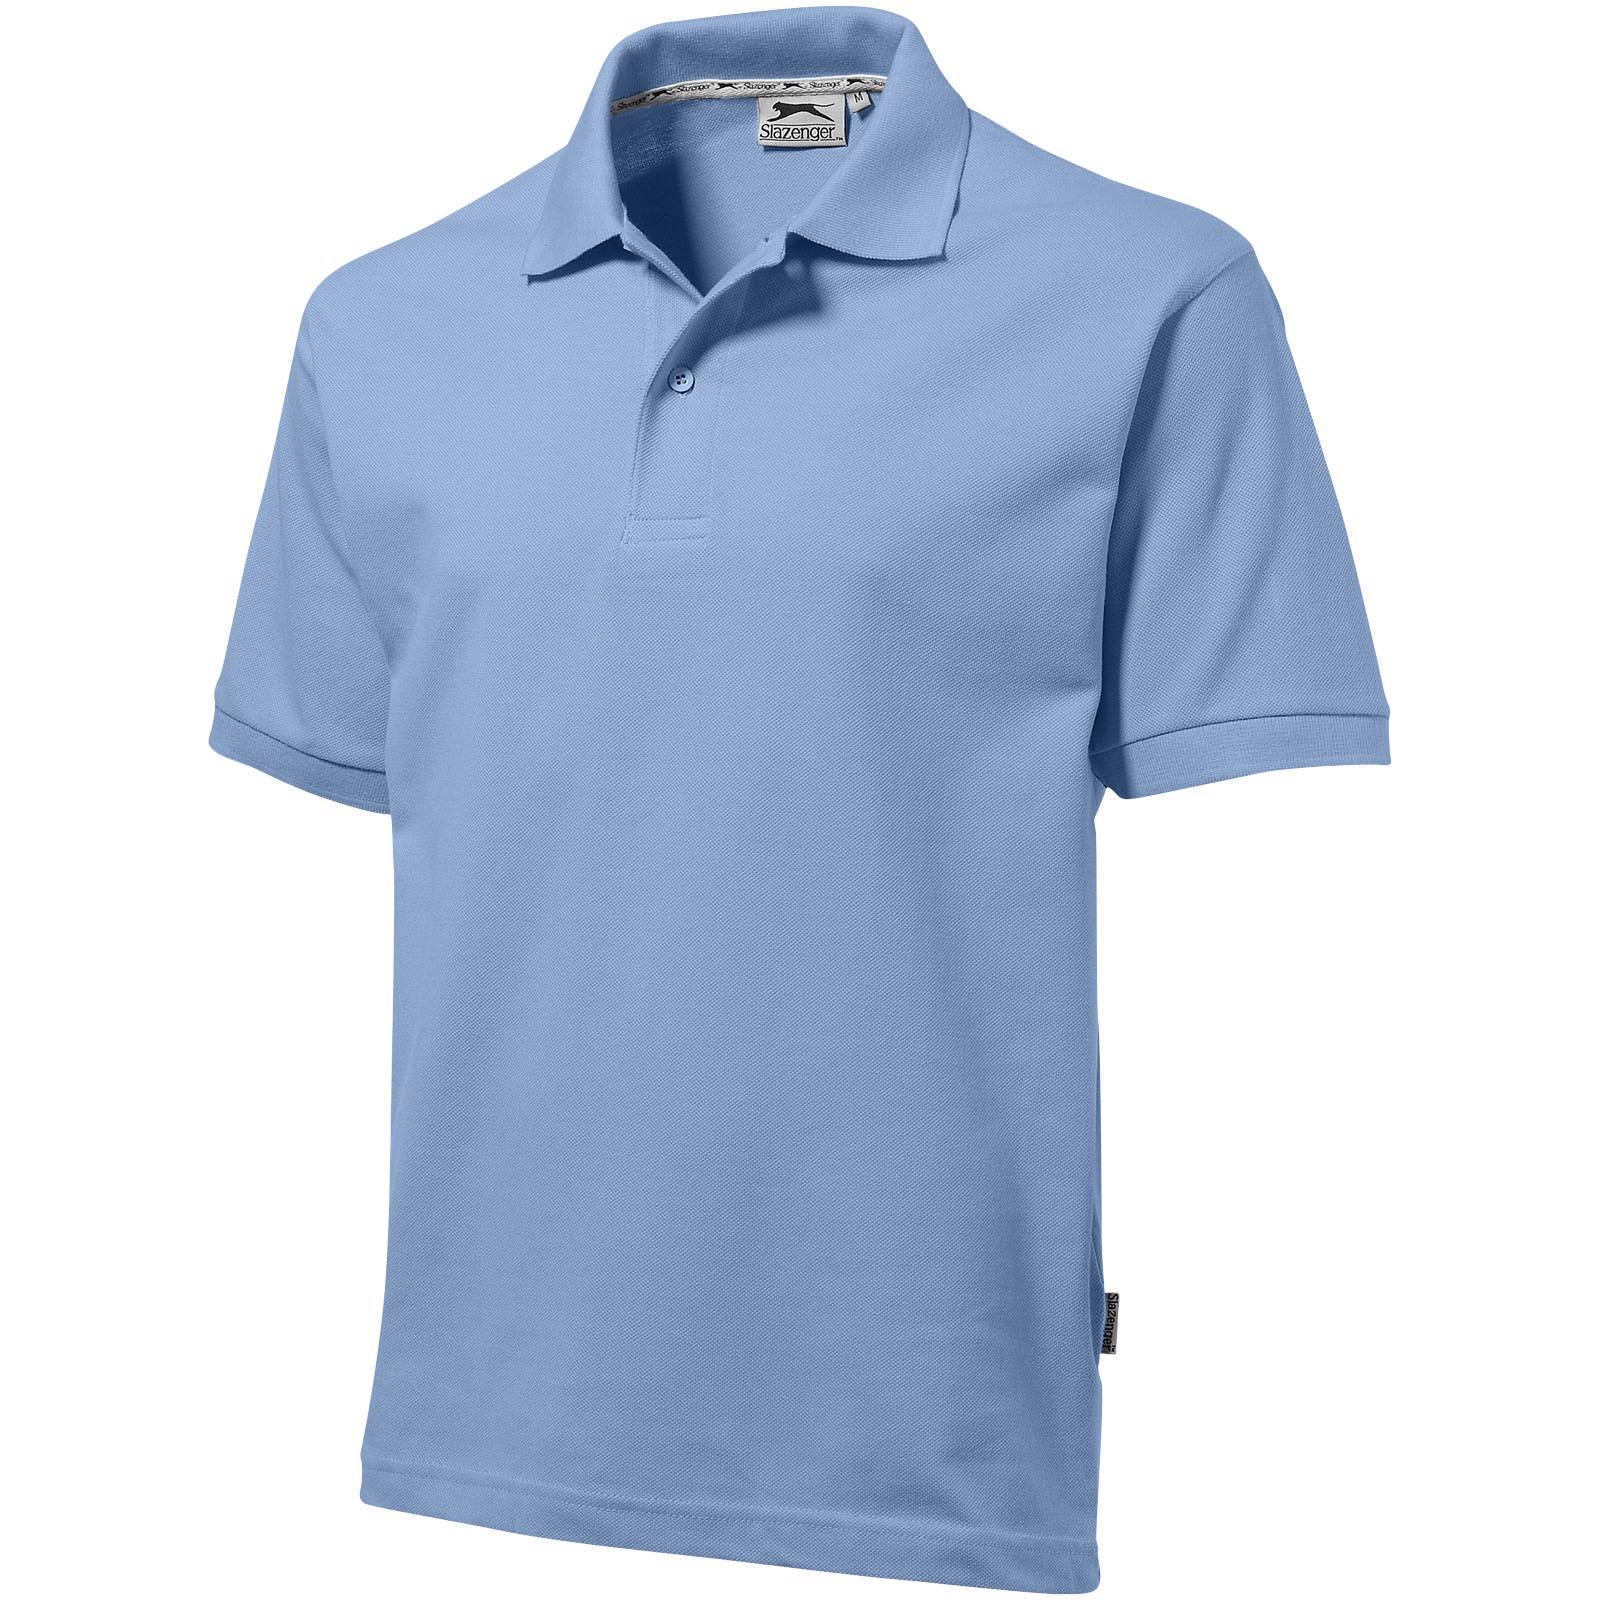 Forehand Poloshirt für Herren - Hellblau / S